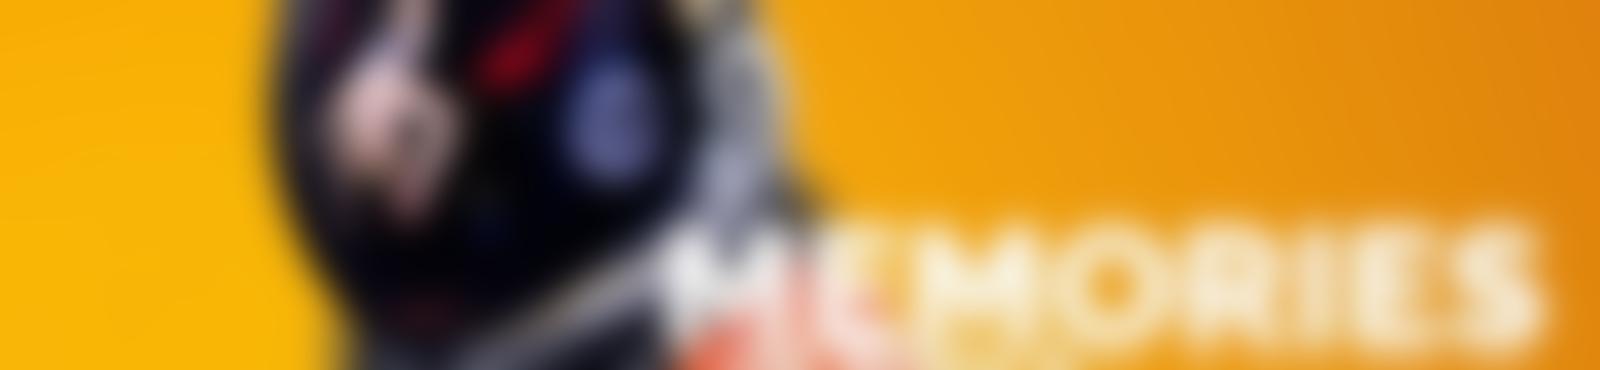 Blurred 0f4cfaba 6924 44bc b261 49e328121463